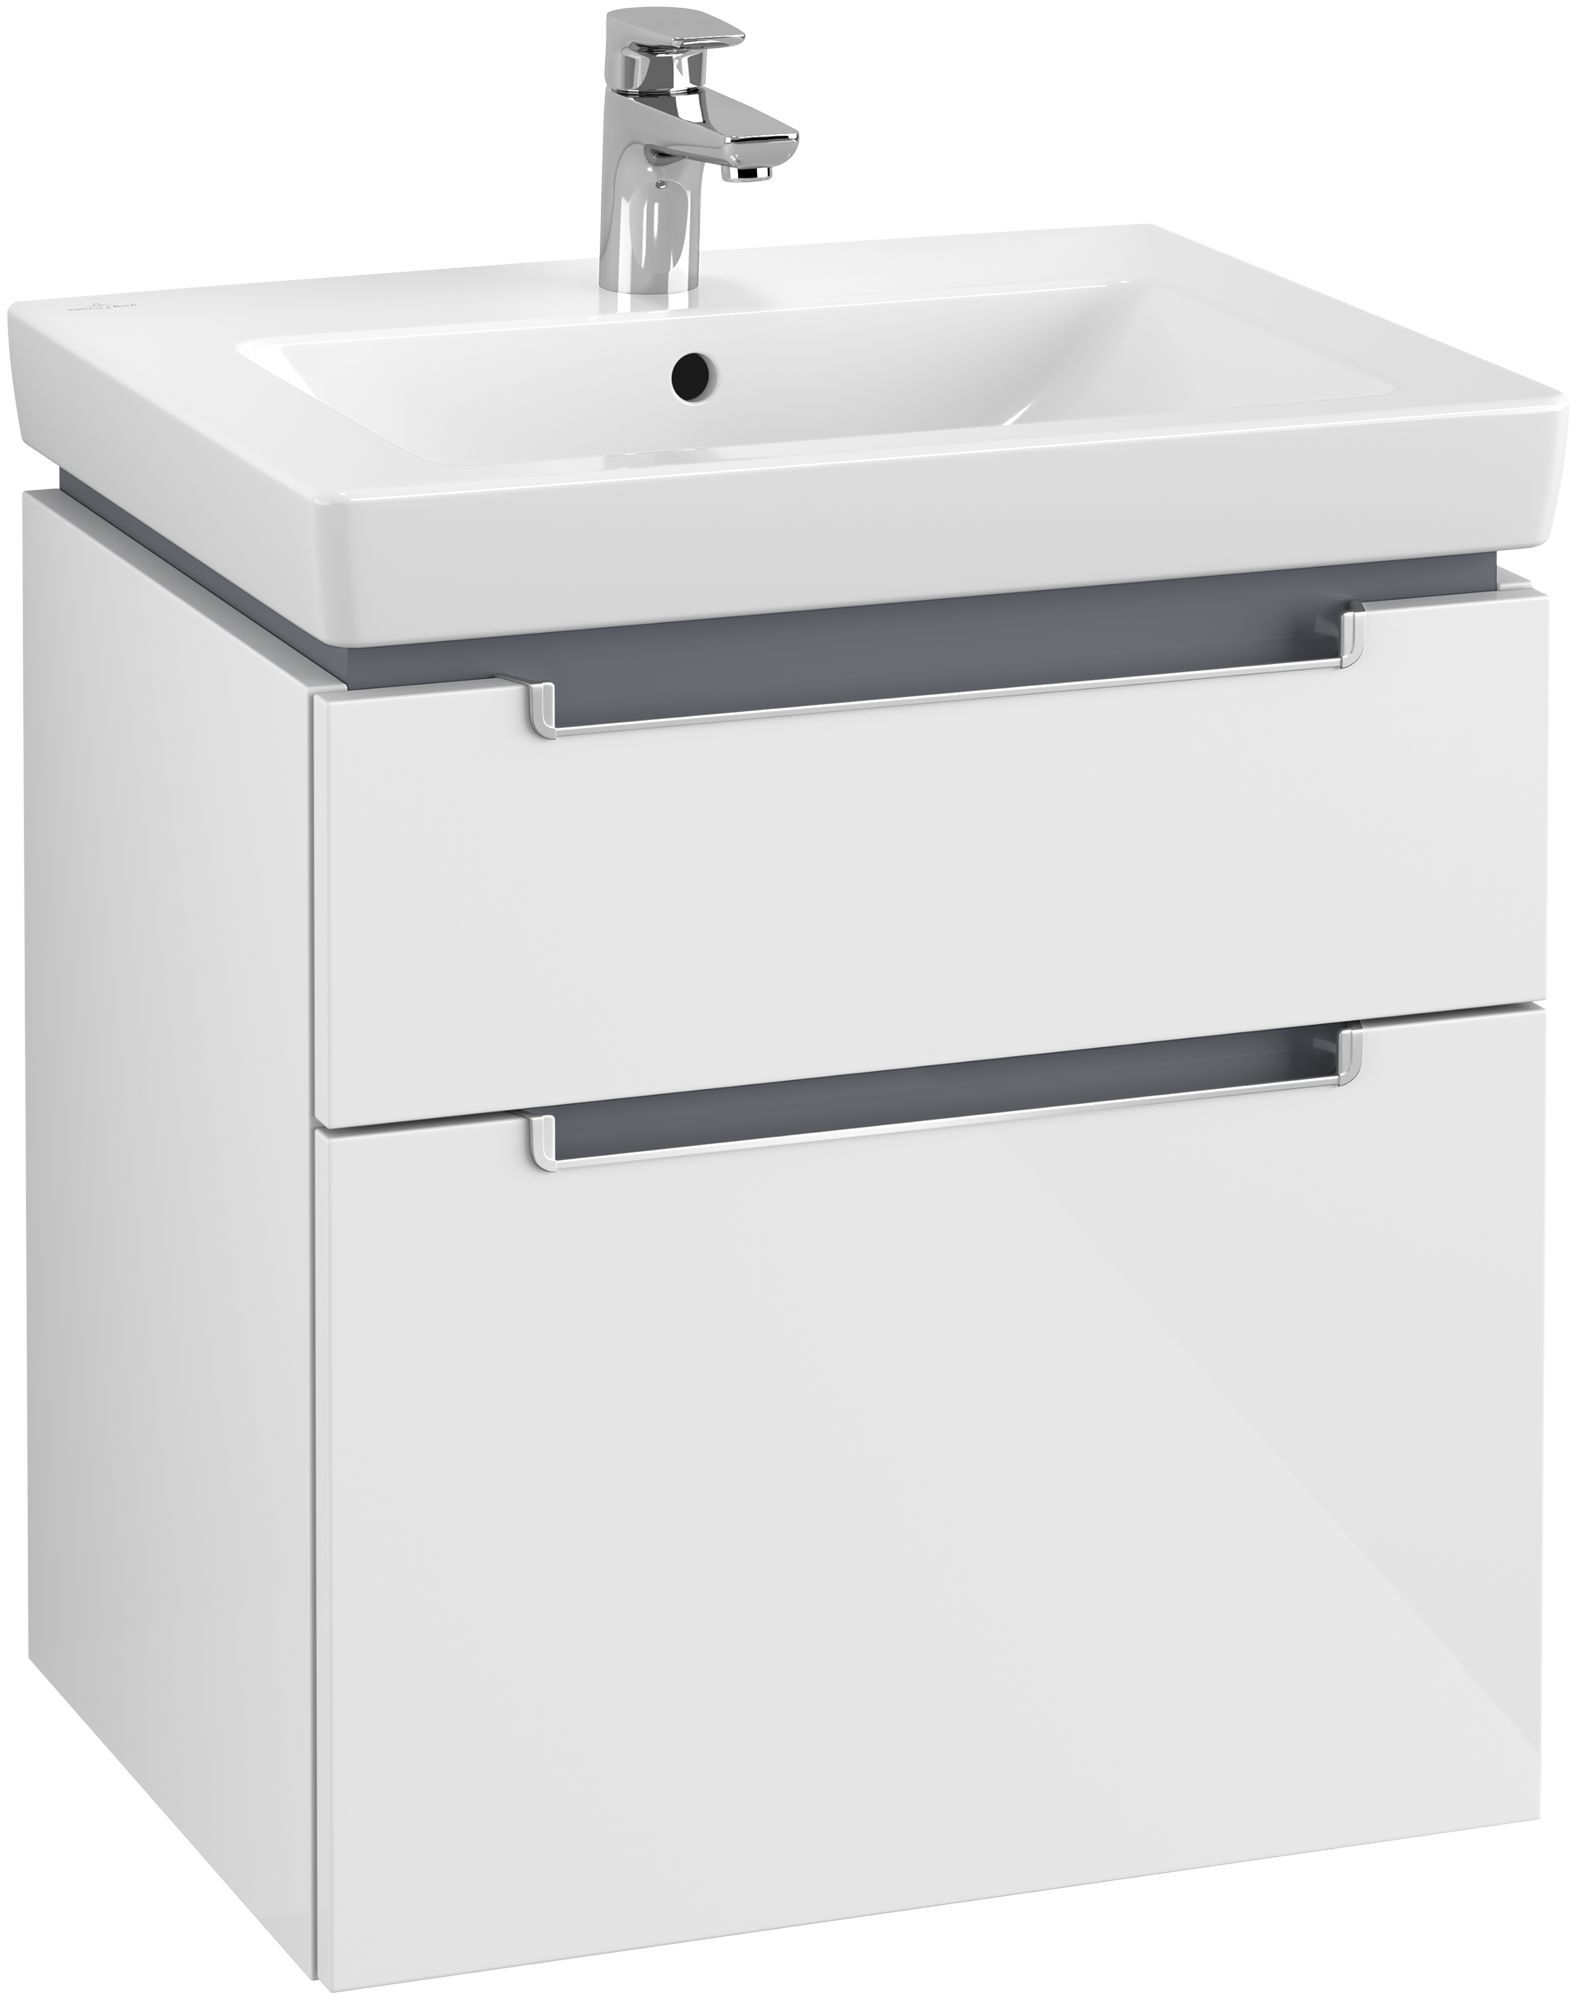 Villeroy & Boch Subway 2.0 Waschtischunterschrank 2 Auszüge B:587xT:454xH:590mm glossy weiß Griffe silberfarbig matt A90900DH